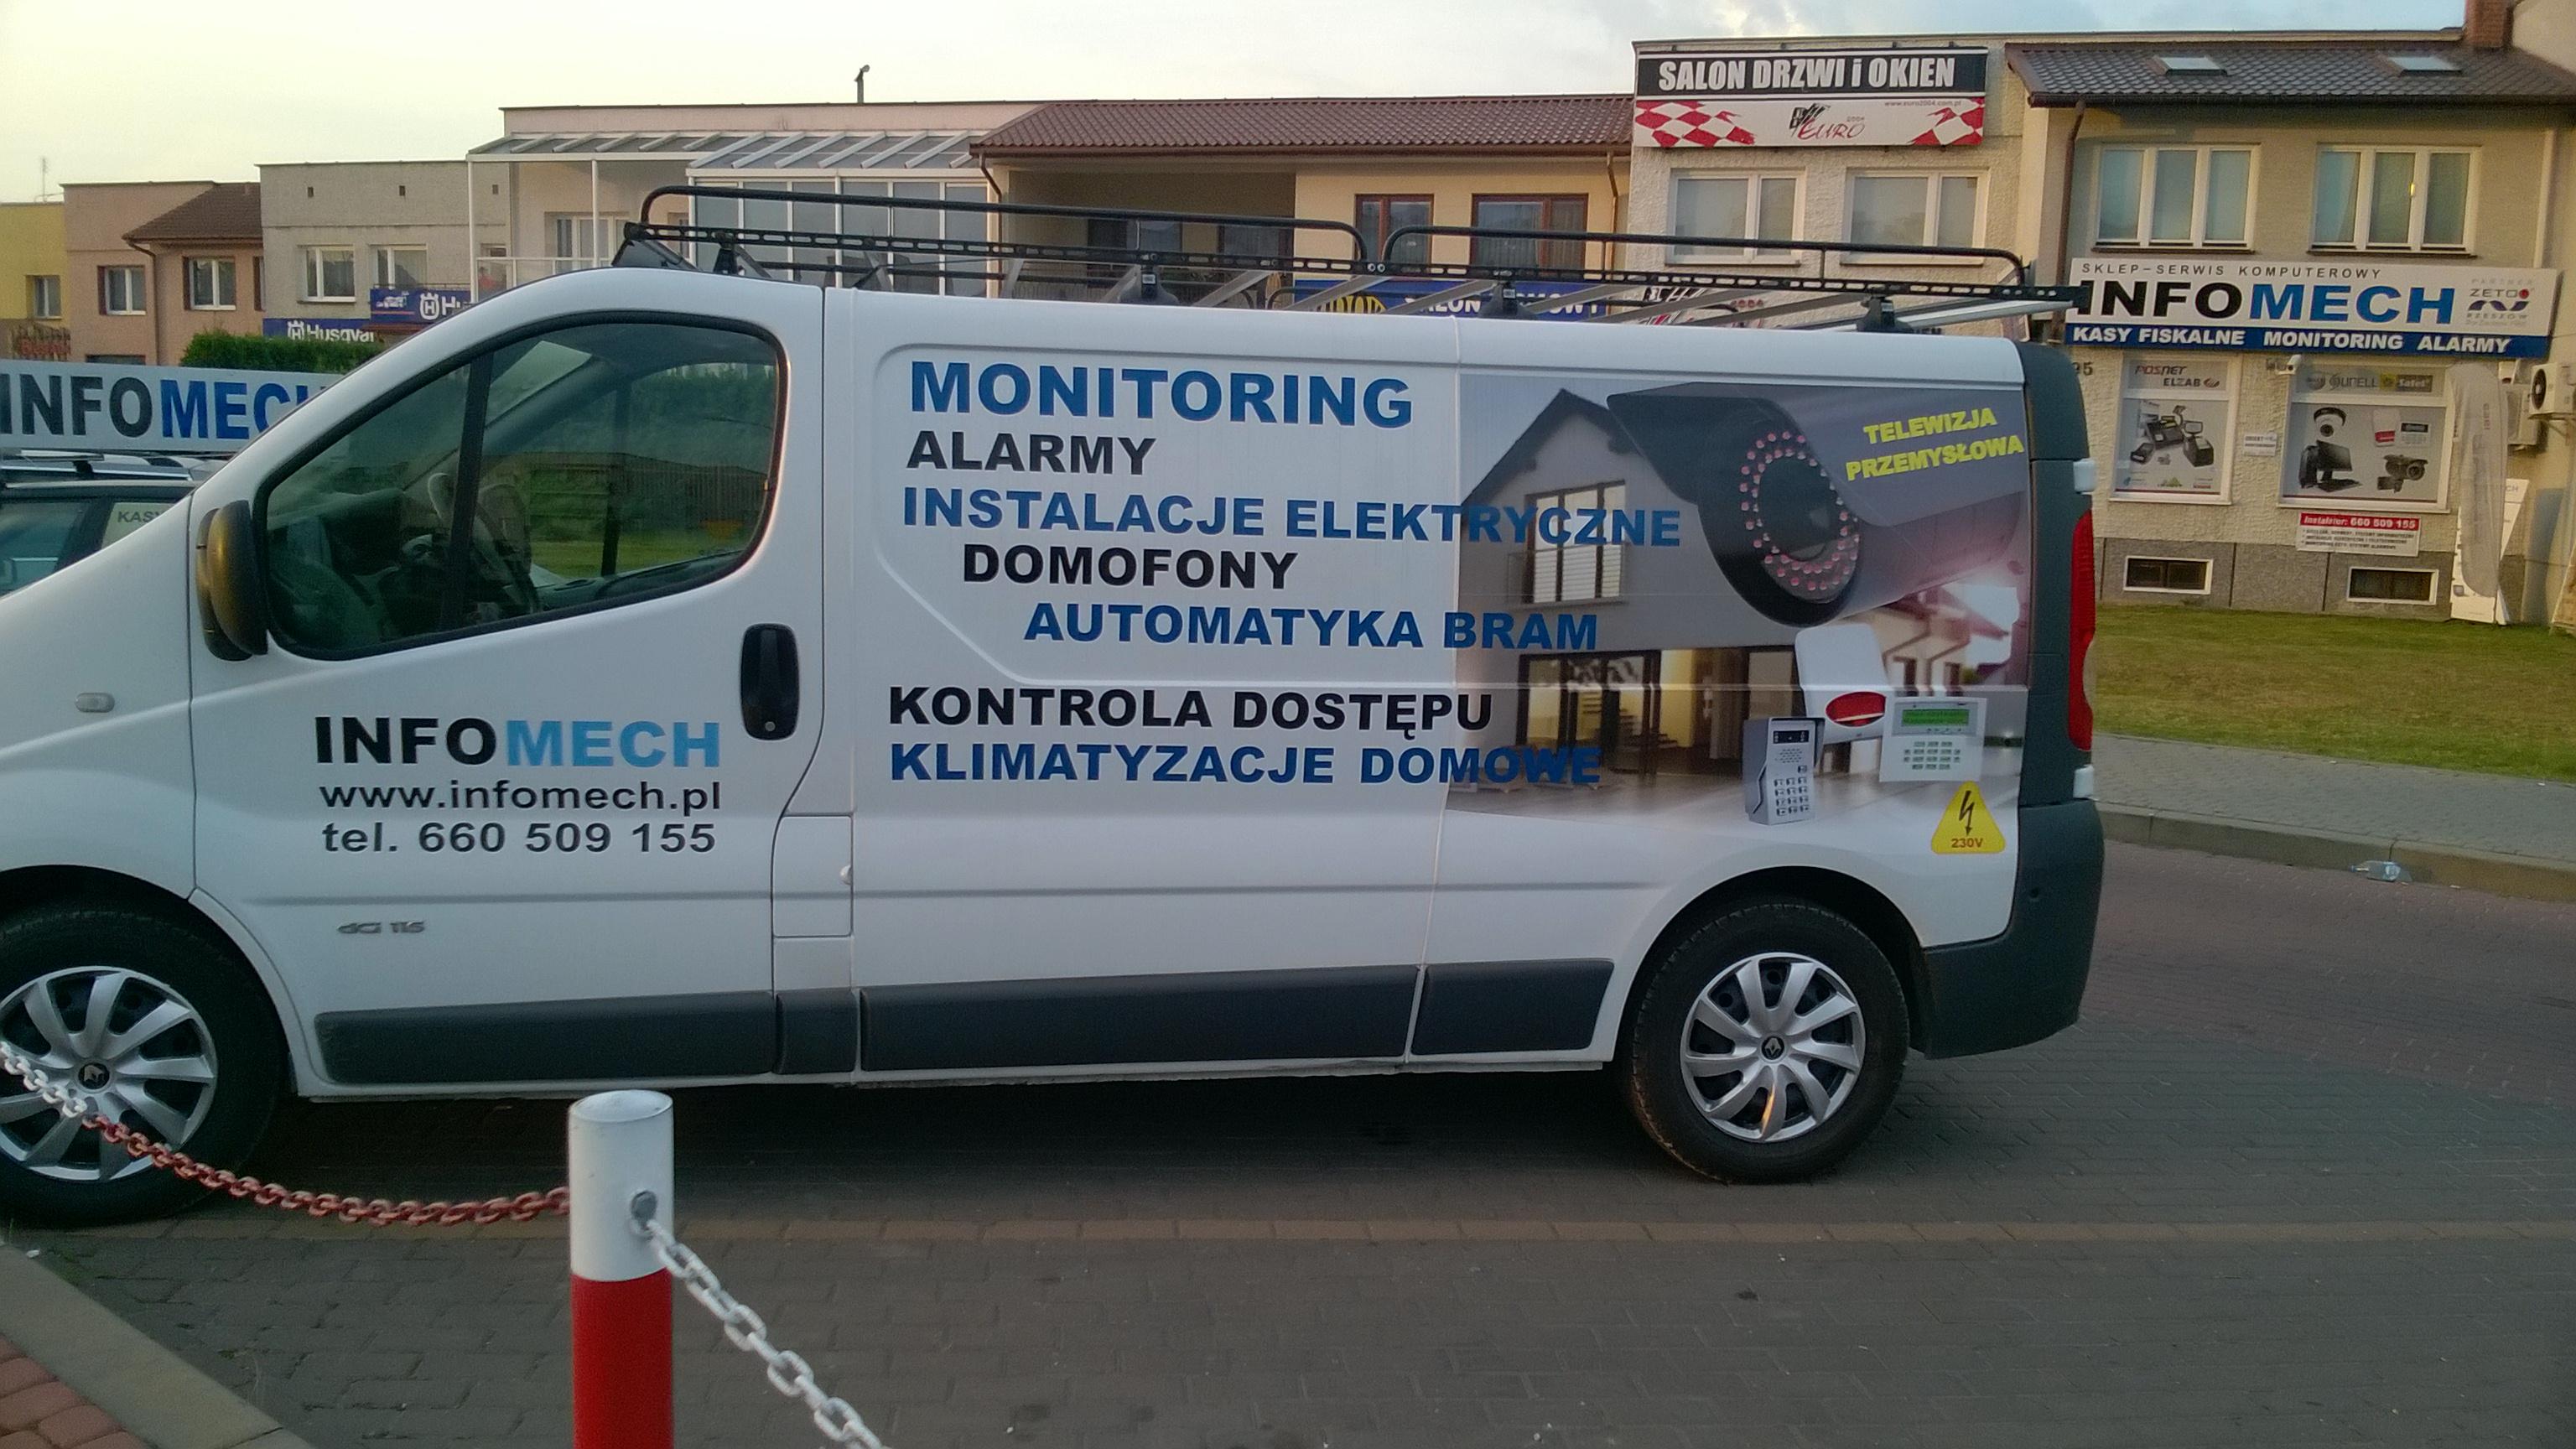 bus-techniczny-infomech-instalacje-elektryczne-i-teletechniczne-stalowa-wola-monitoring-bilgoraj-monitoring-zamosc-monitoring-stalowa-wola-infomech-mielec-alarmy-13